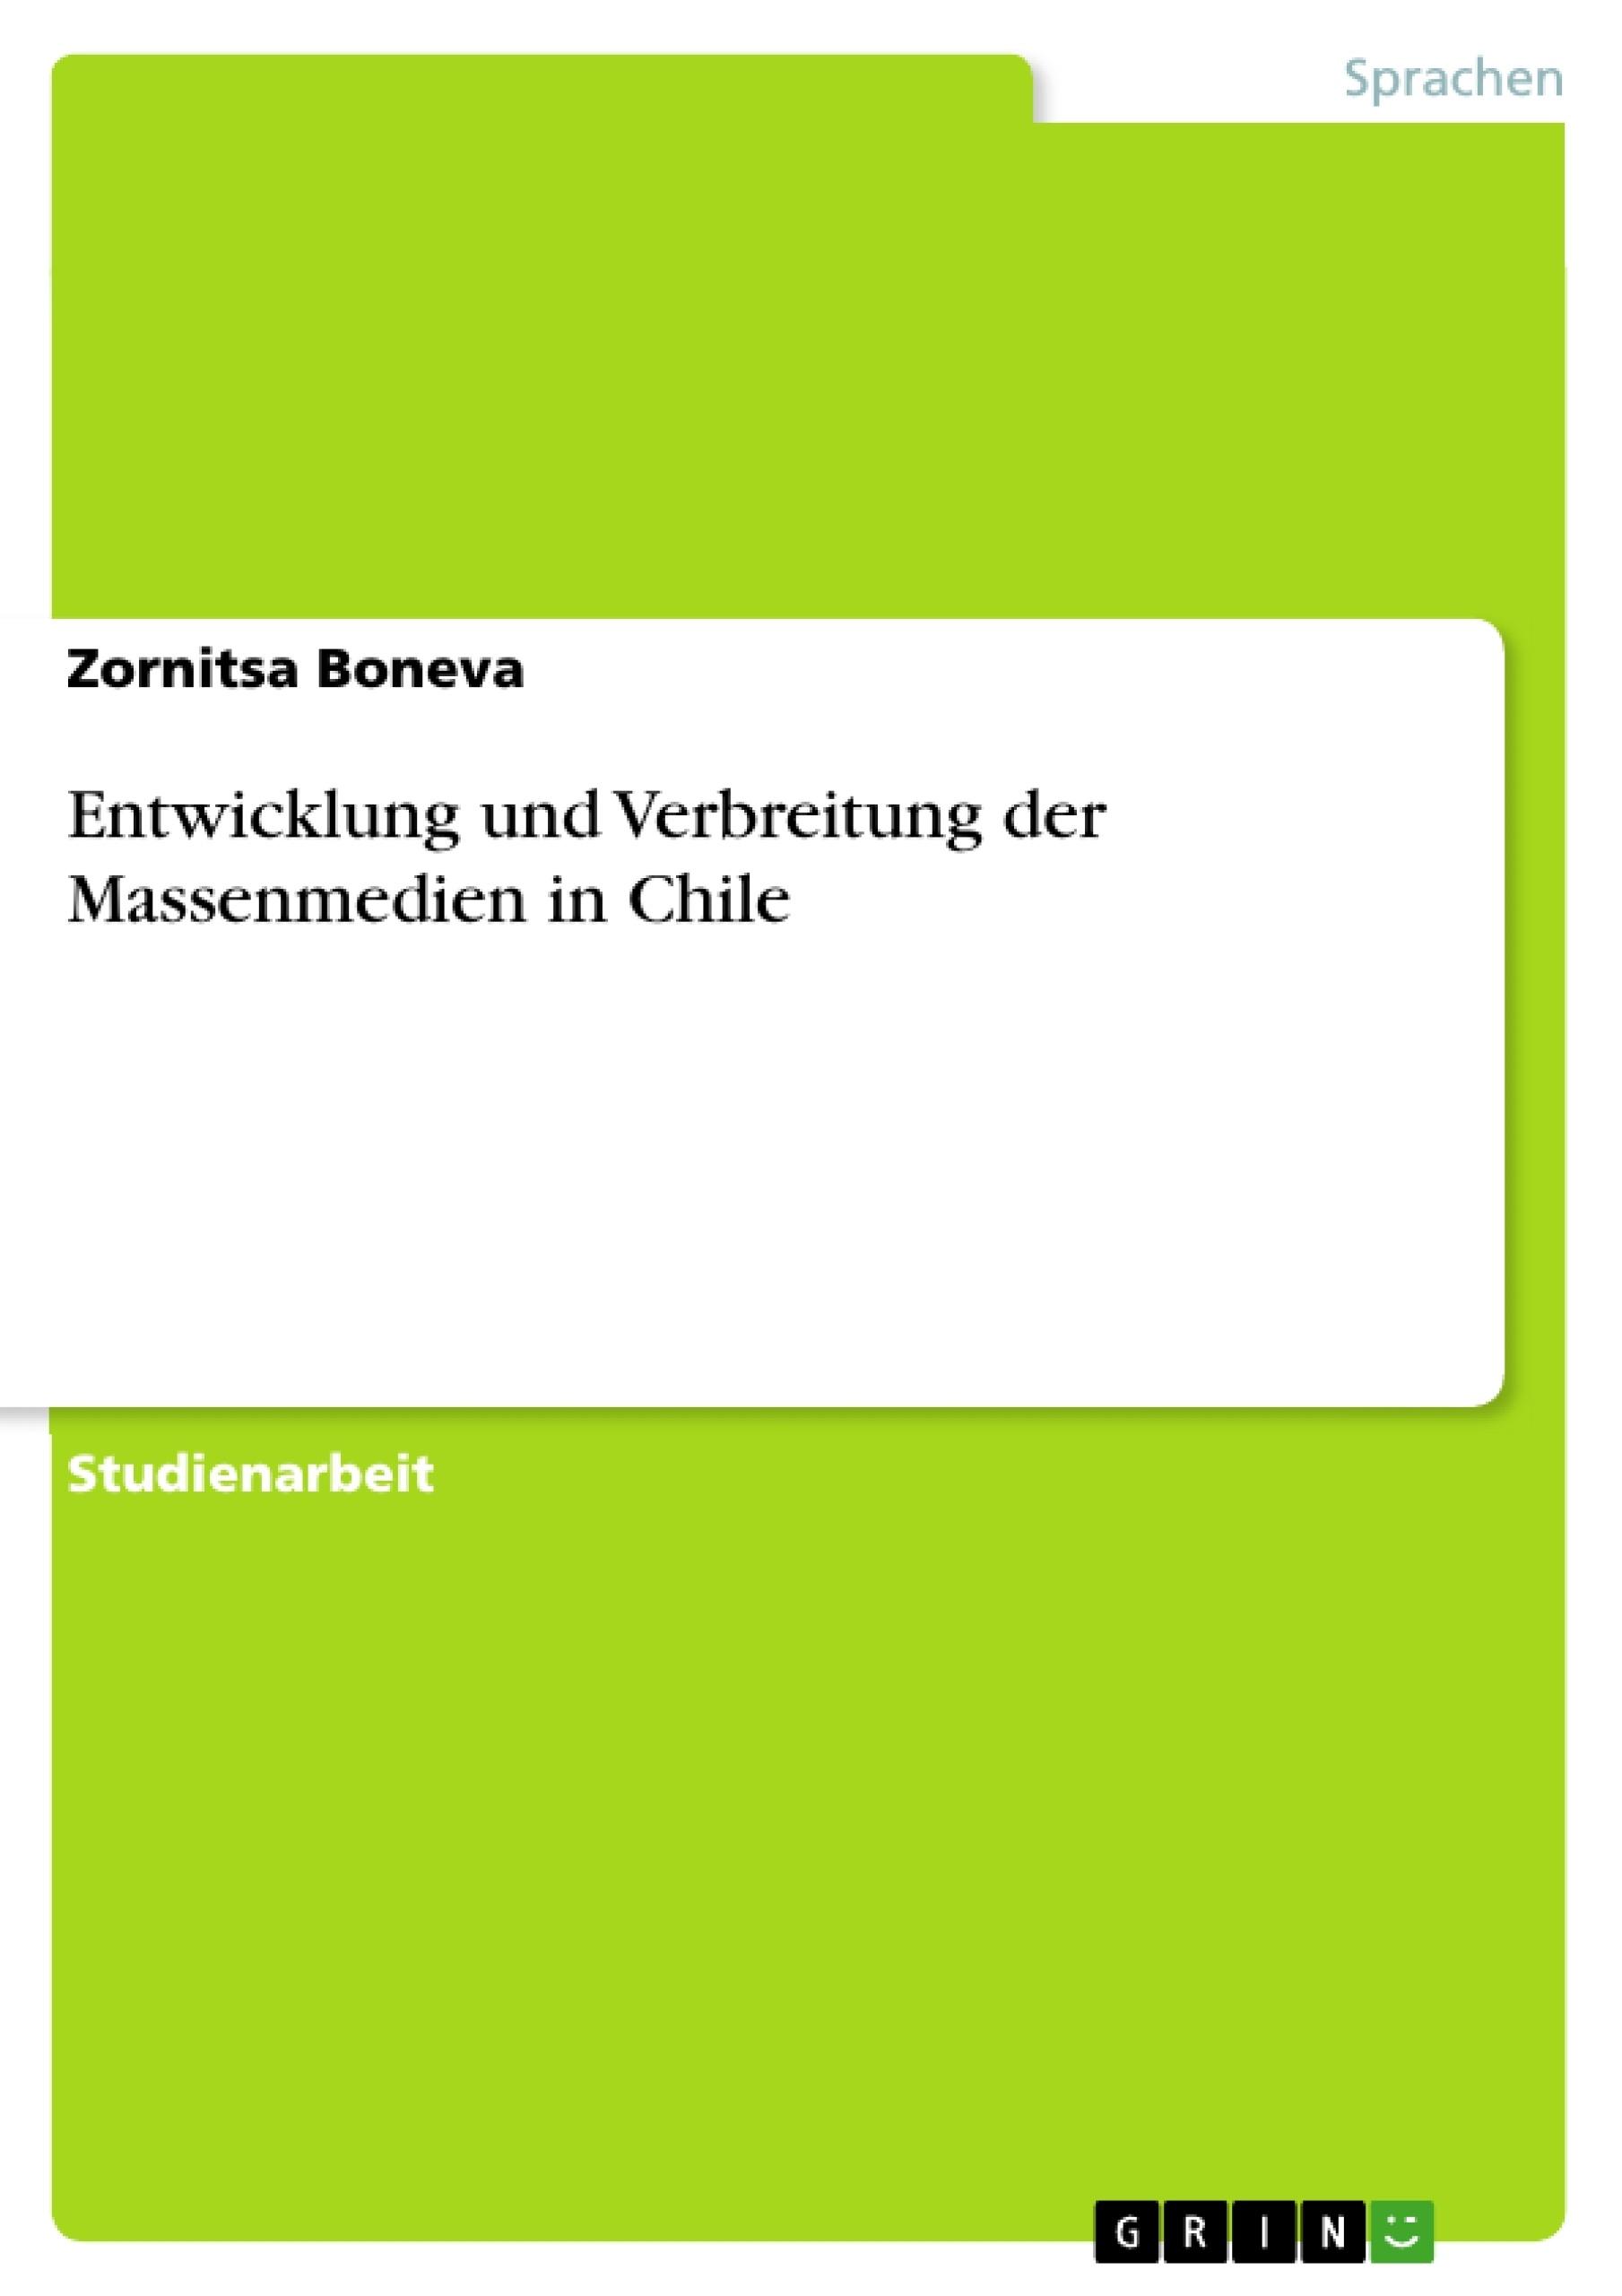 Titel: Entwicklung und Verbreitung der Massenmedien in Chile